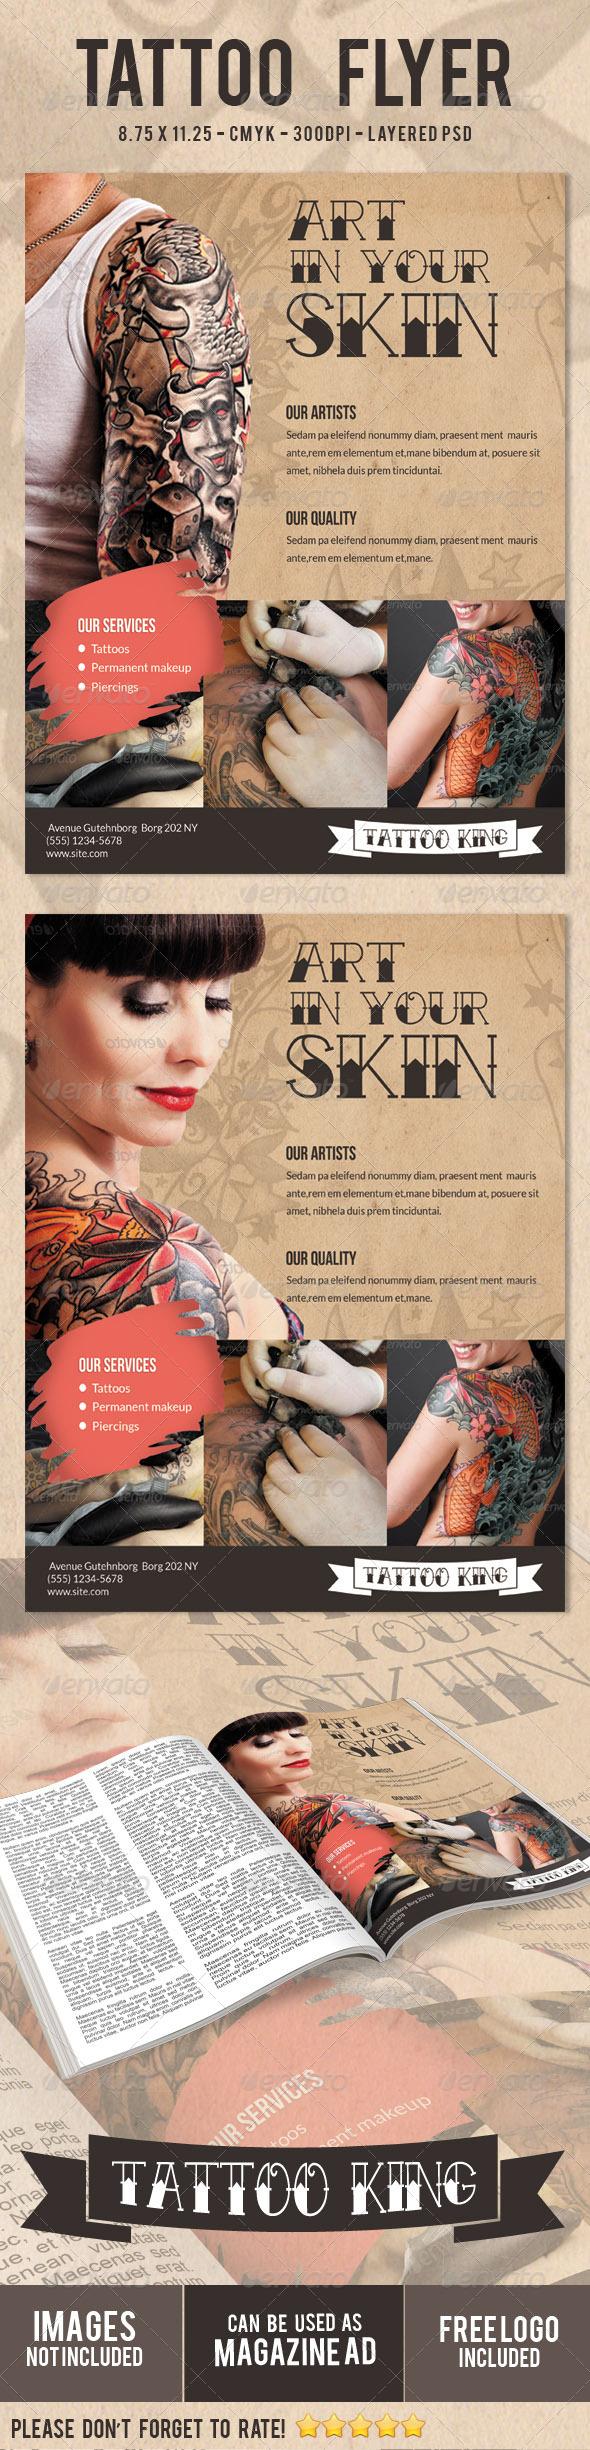 Tattoo Flyer Print Ad